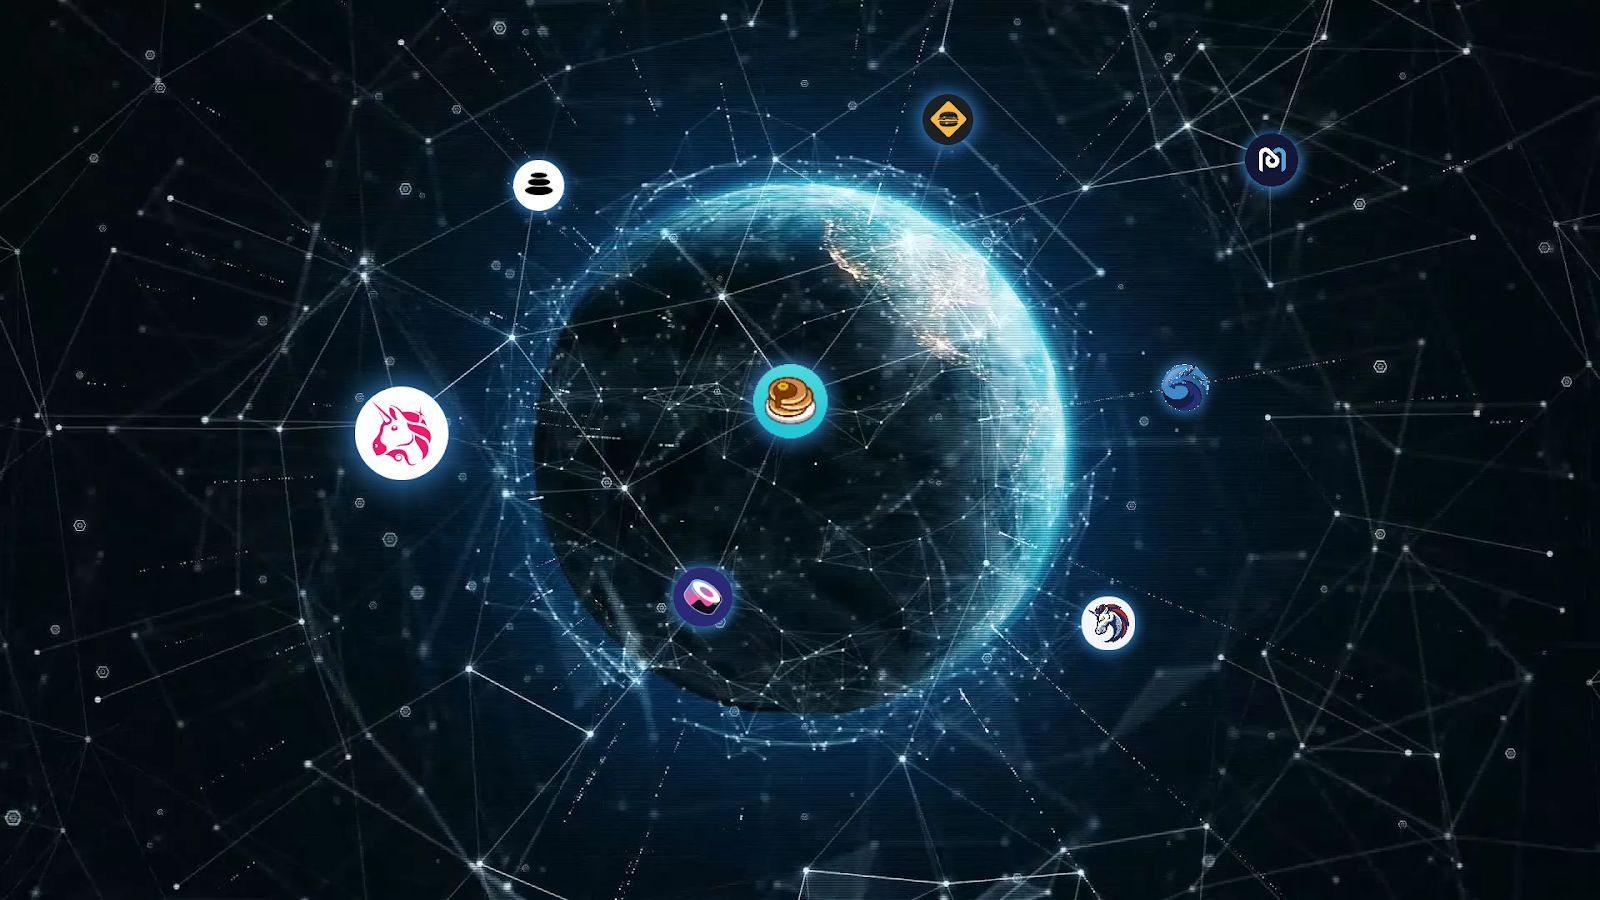 /how-dexs-fuel-the-development-of-the-decentralized-internet-xp1p34ek feature image